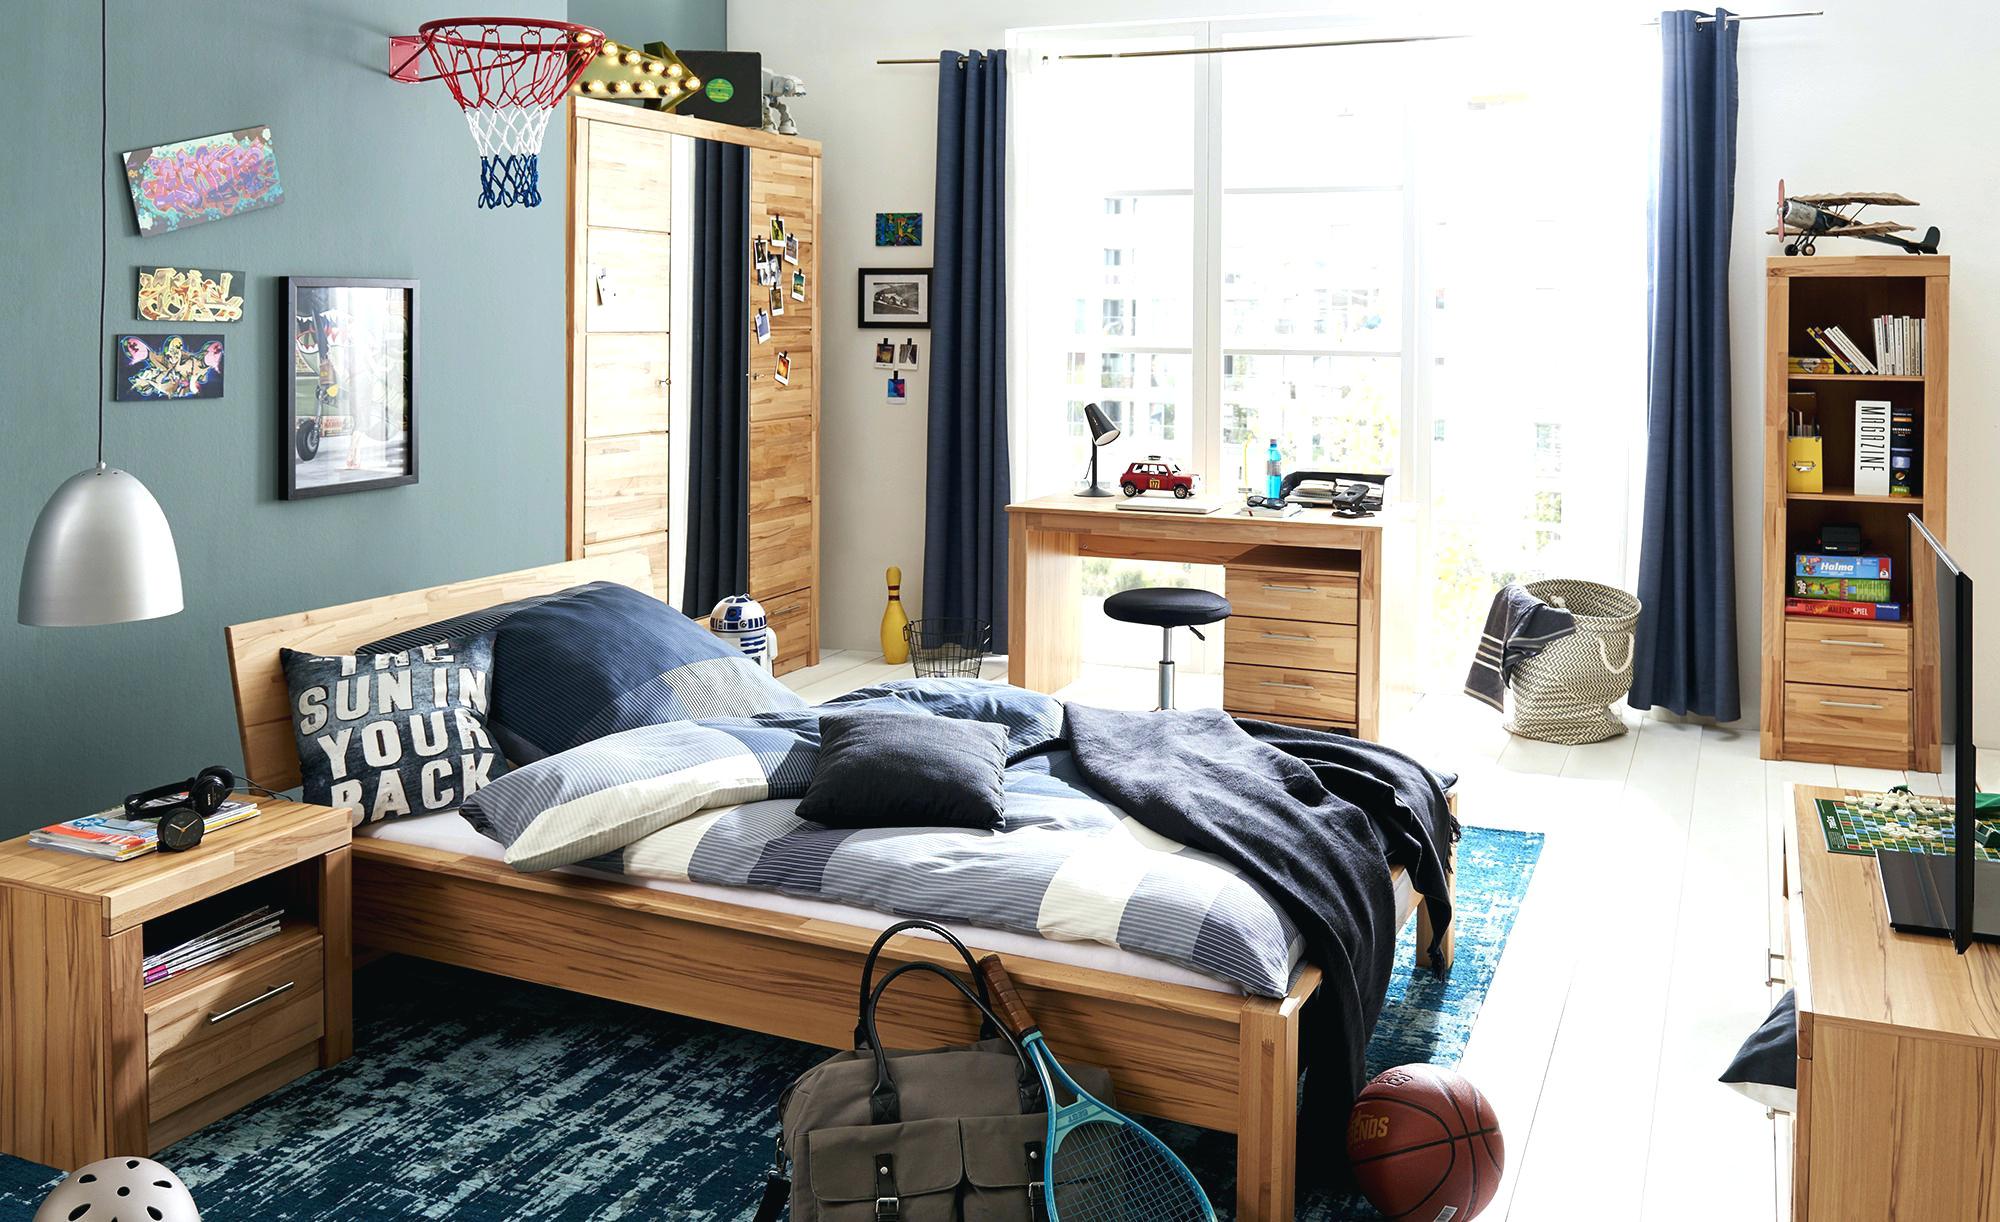 Full Size of Jugendzimmer Ikea Jungen Gestalten Einichten Bett Modulküche Miniküche Betten Bei Küche Kaufen Sofa Mit Schlaffunktion Kosten 160x200 Wohnzimmer Jugendzimmer Ikea